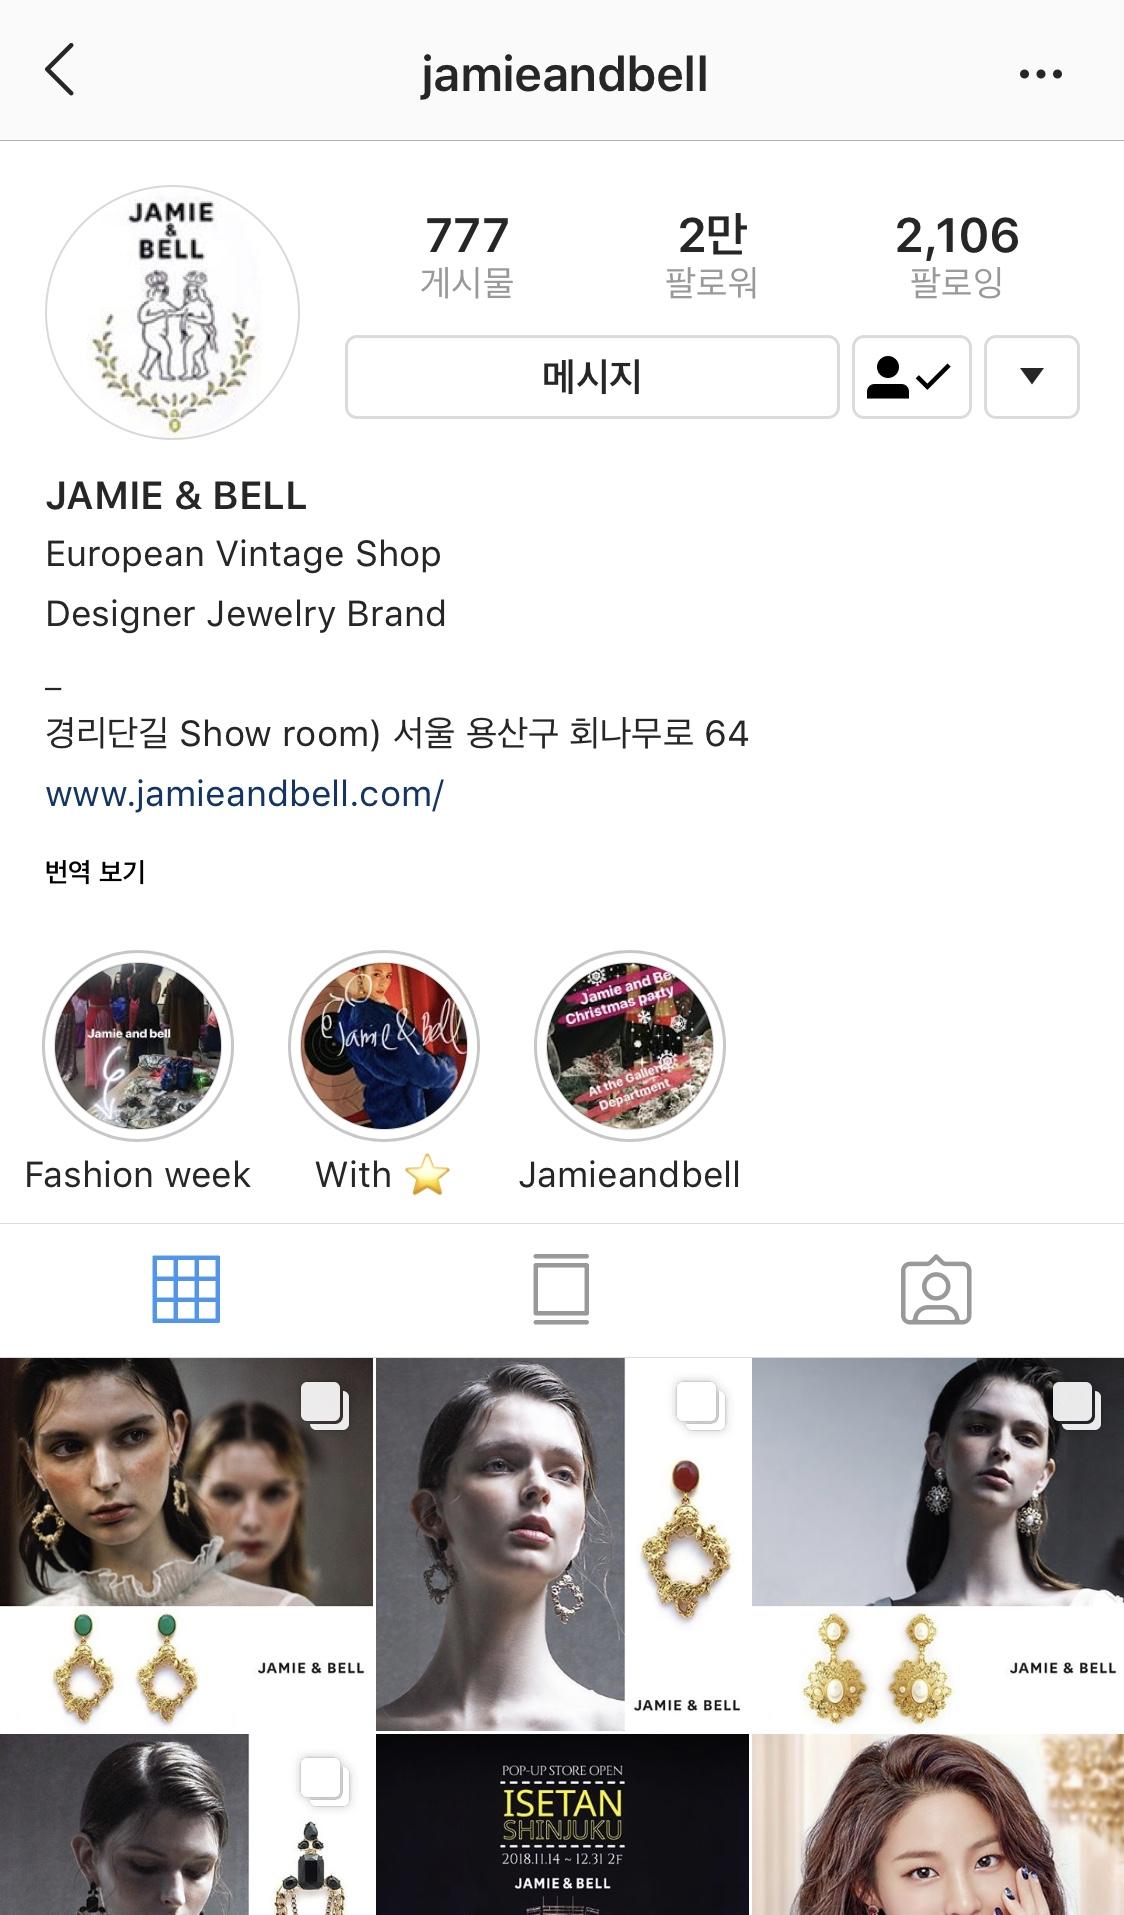 jamie&:bell